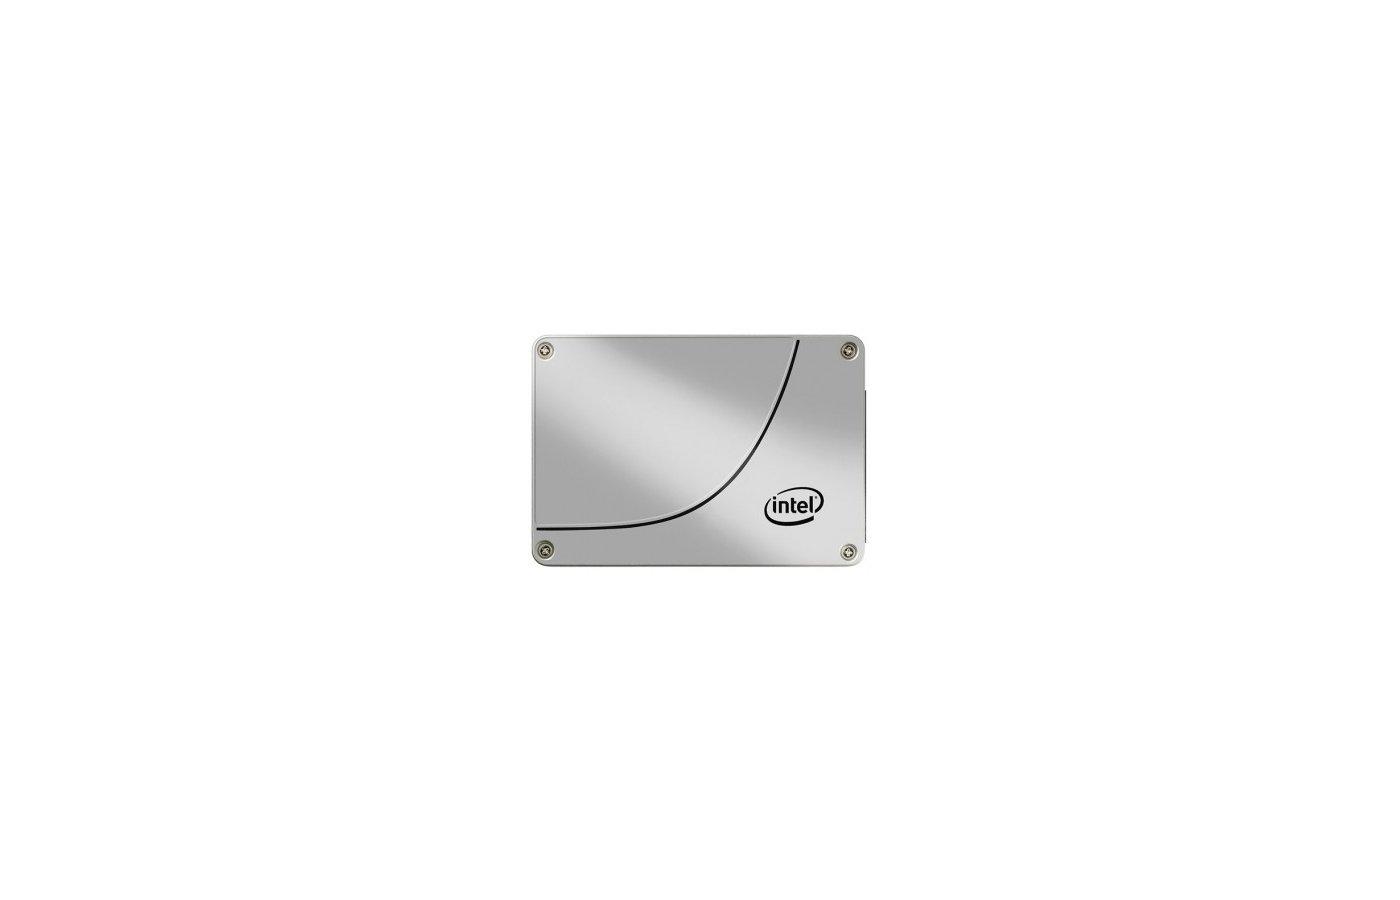 """SSD жесткий диск Intel Original SATA-III 200Gb SSDSC2BA200G301 S3700 Series 2.5"""" w460Mb/s MLC"""